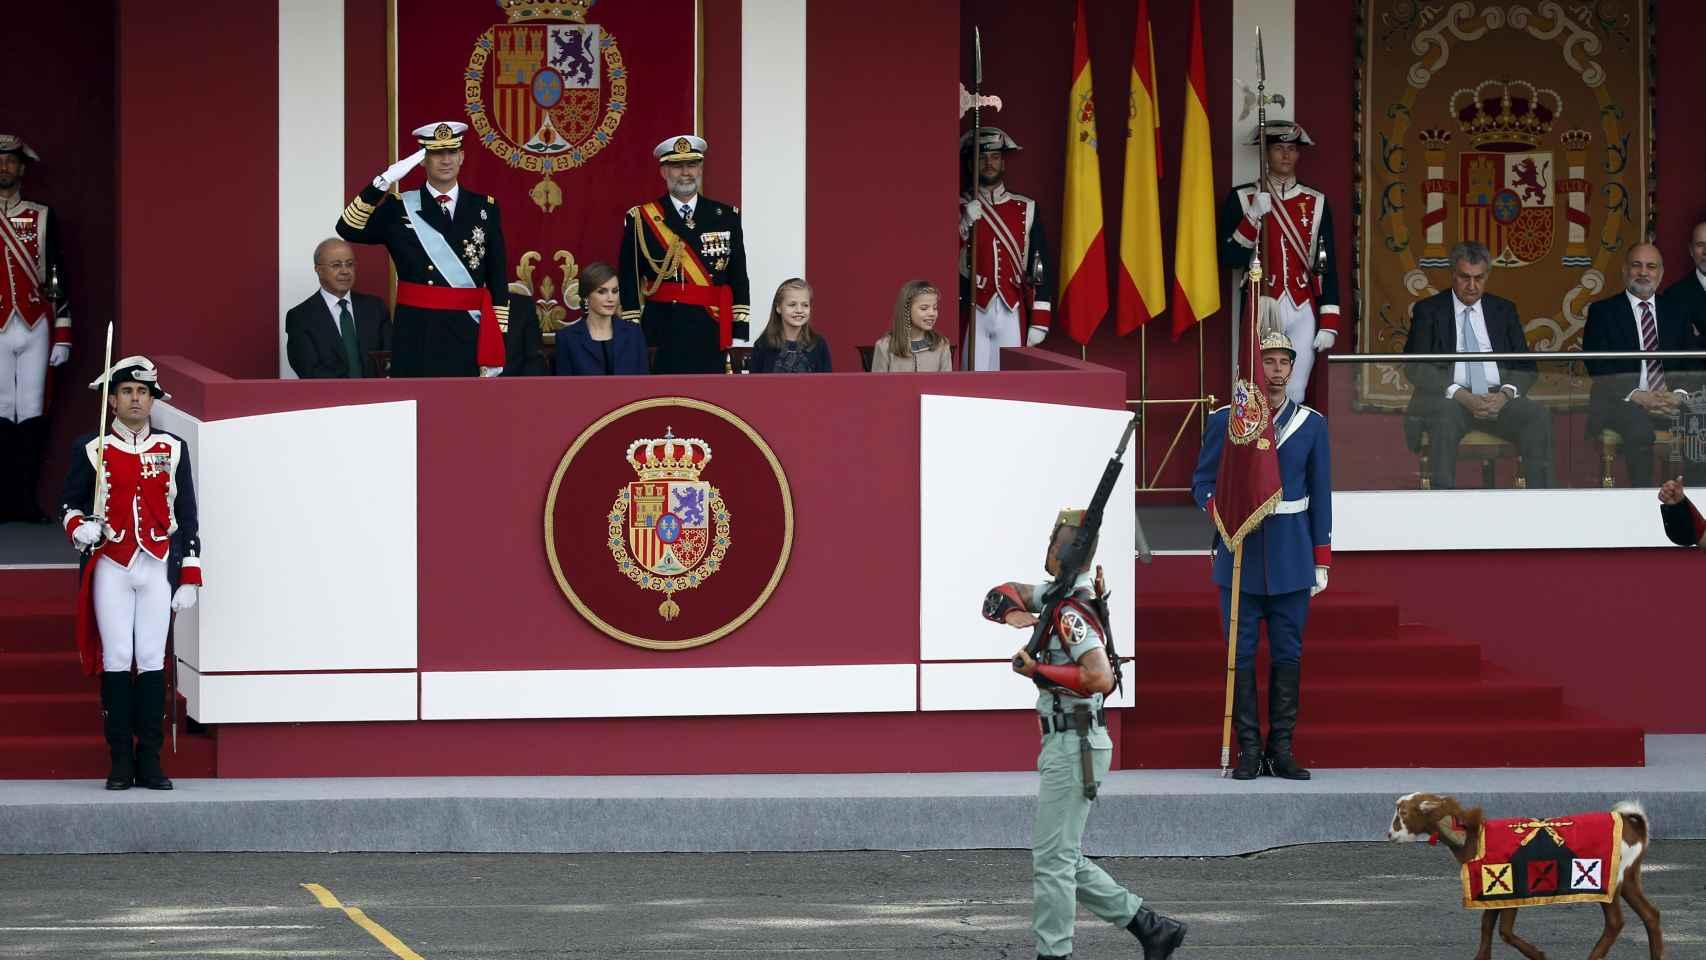 Pablo, la cabra de la Legión, desfile ante la familia real.